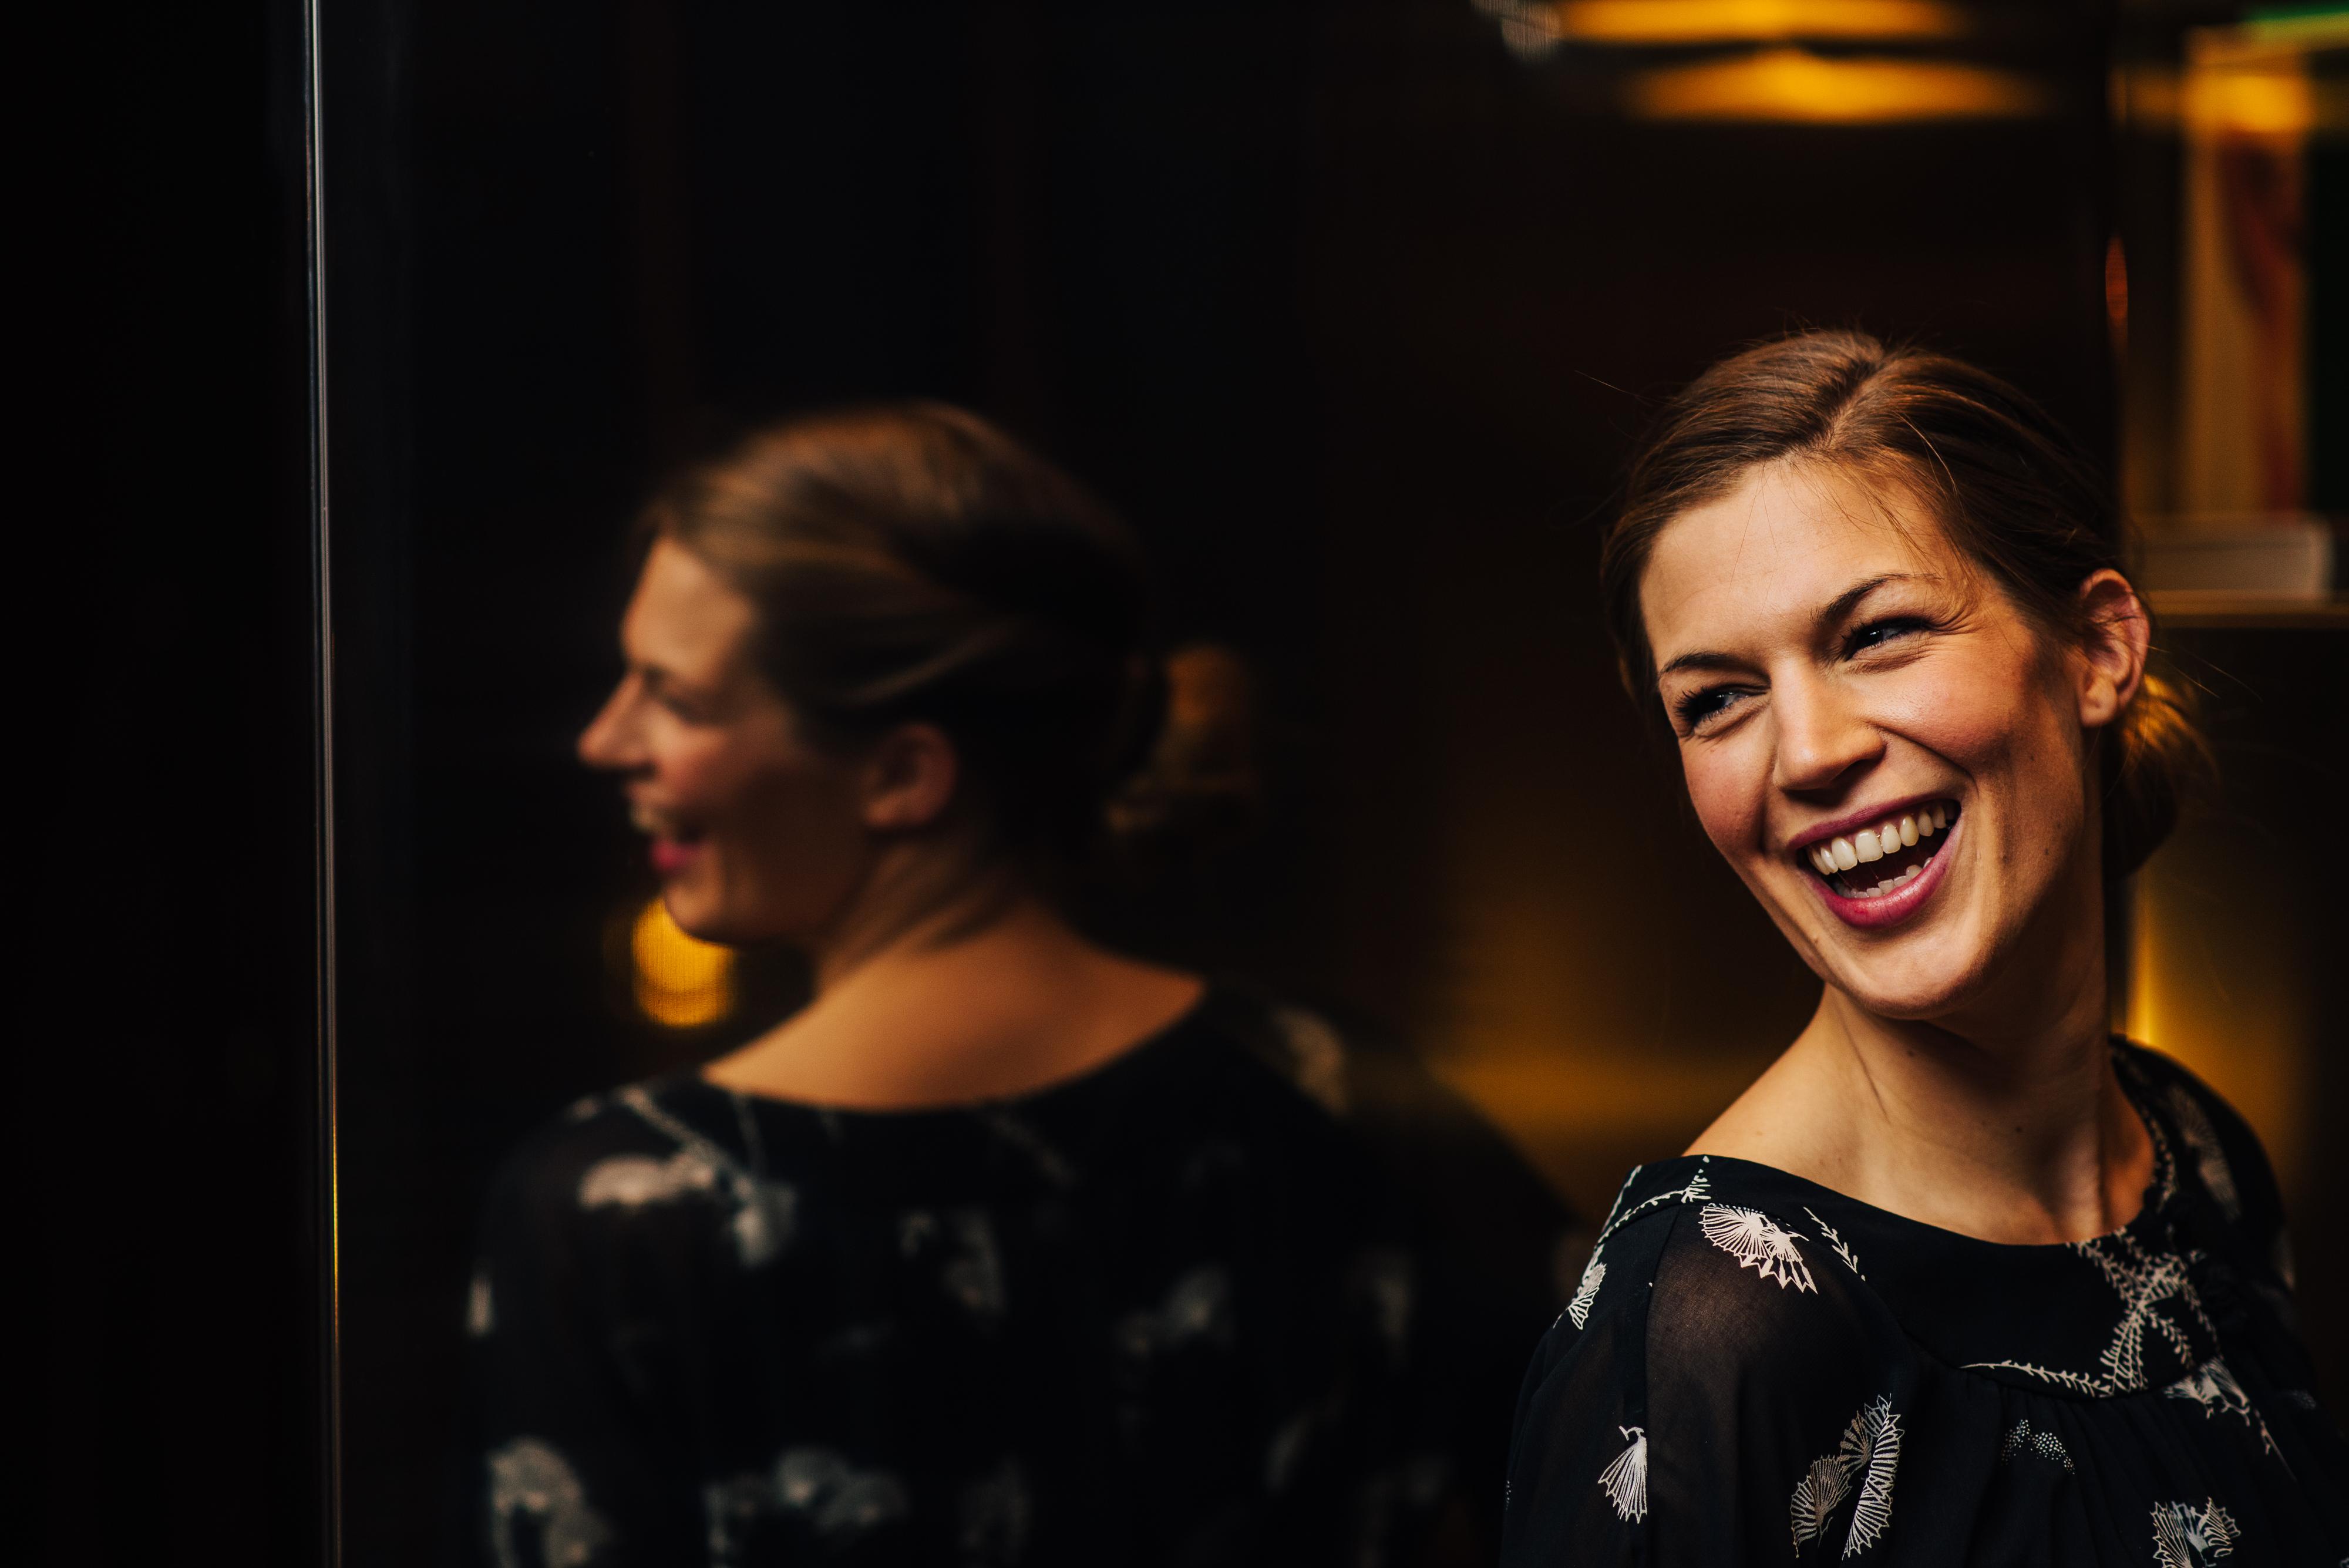 Julia Nagele Alias Jules Will Mit Ihren Songs Verzaubern Um Mglichst Viele Menschen Zu Begeistern Geht Die 25 Jhrige Ungewhnliche Wege Und Rockt So